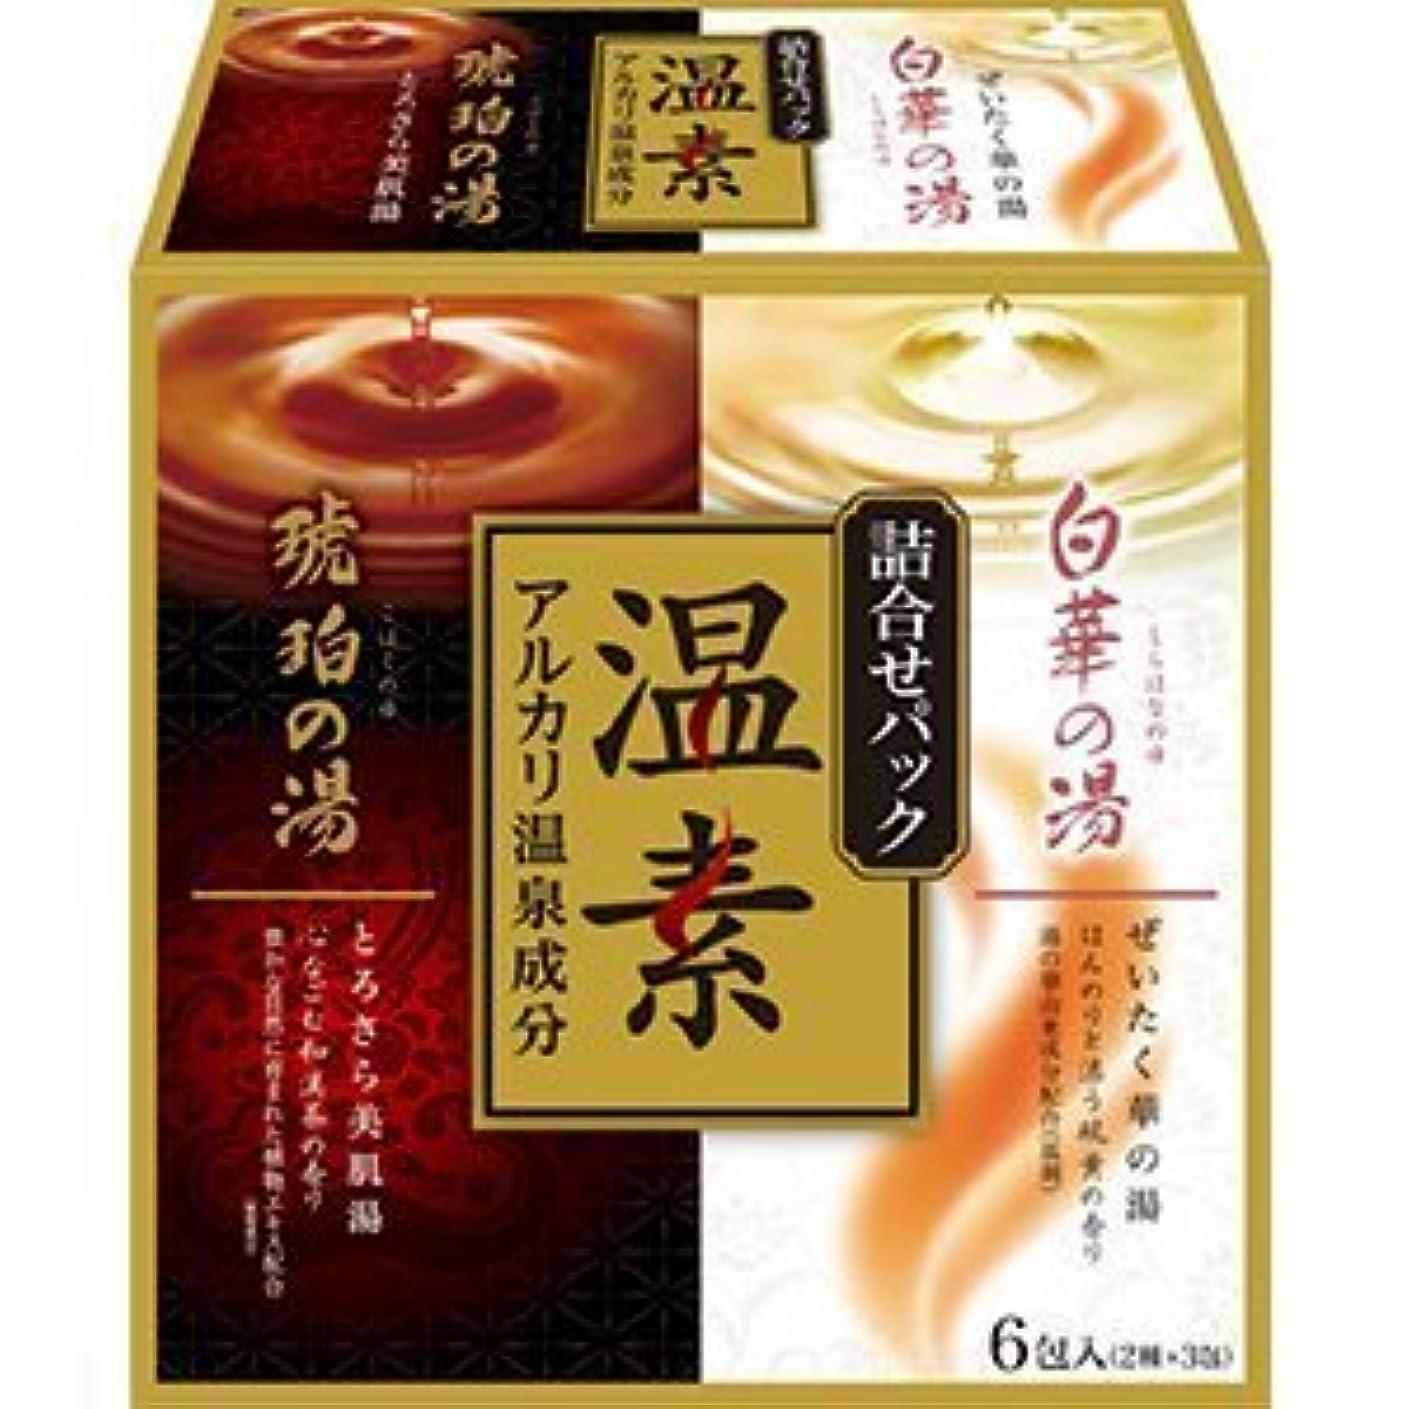 残る変化人類温素 琥珀の湯&白華の湯 詰合せパック × 3個セット